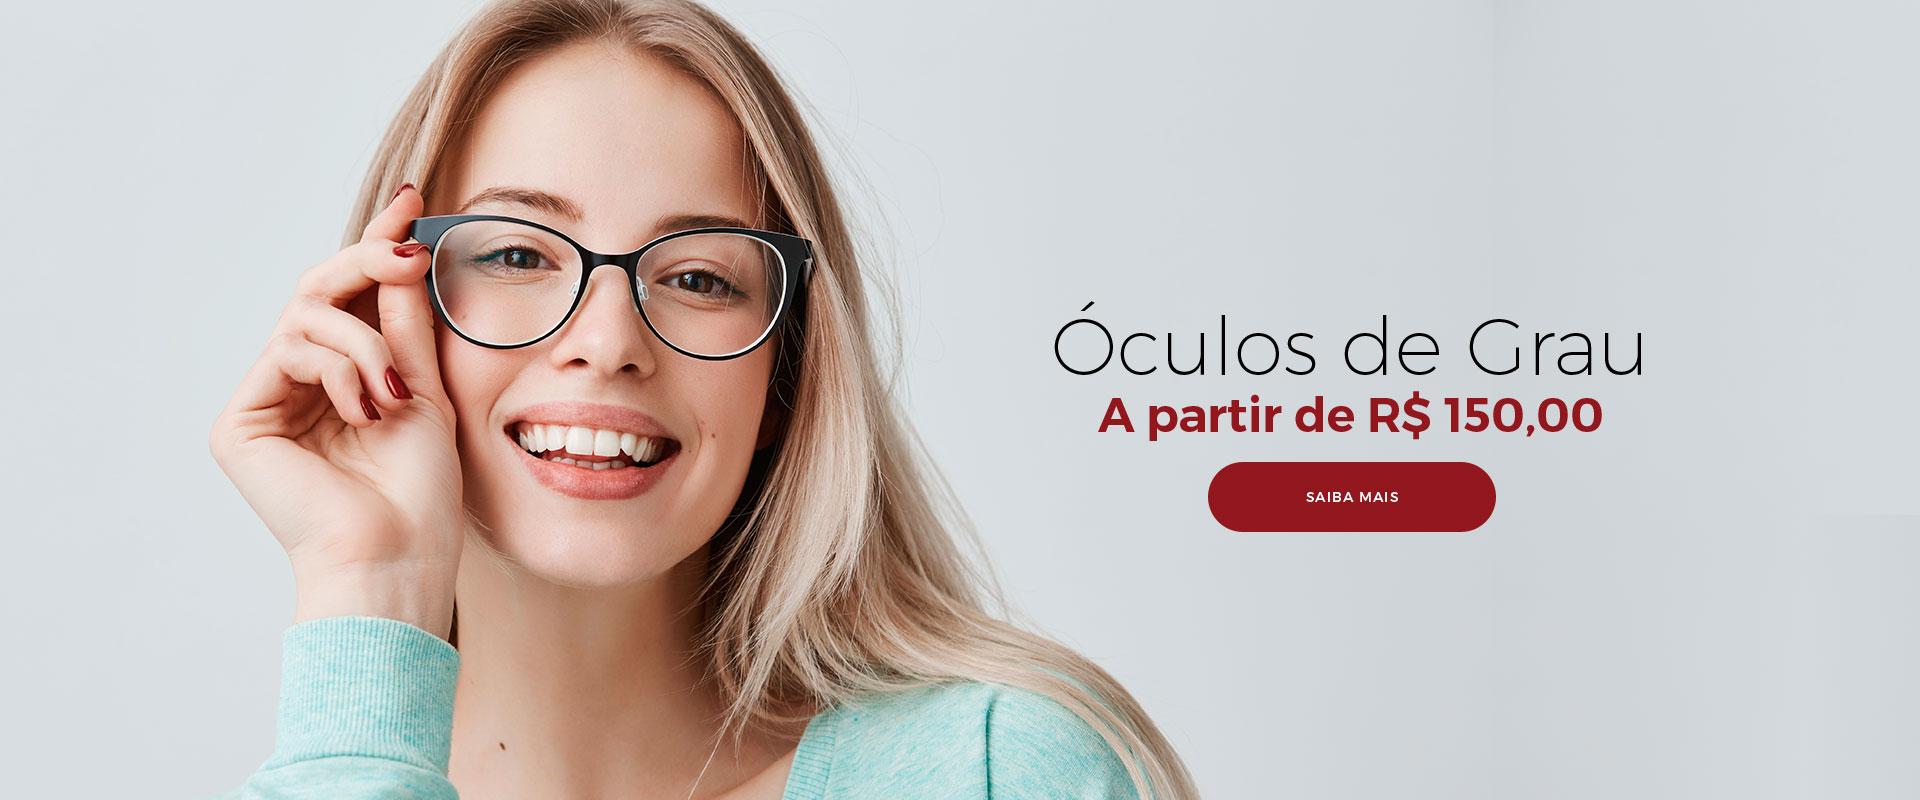 Óculos de Grau A partir de R$ 150,00